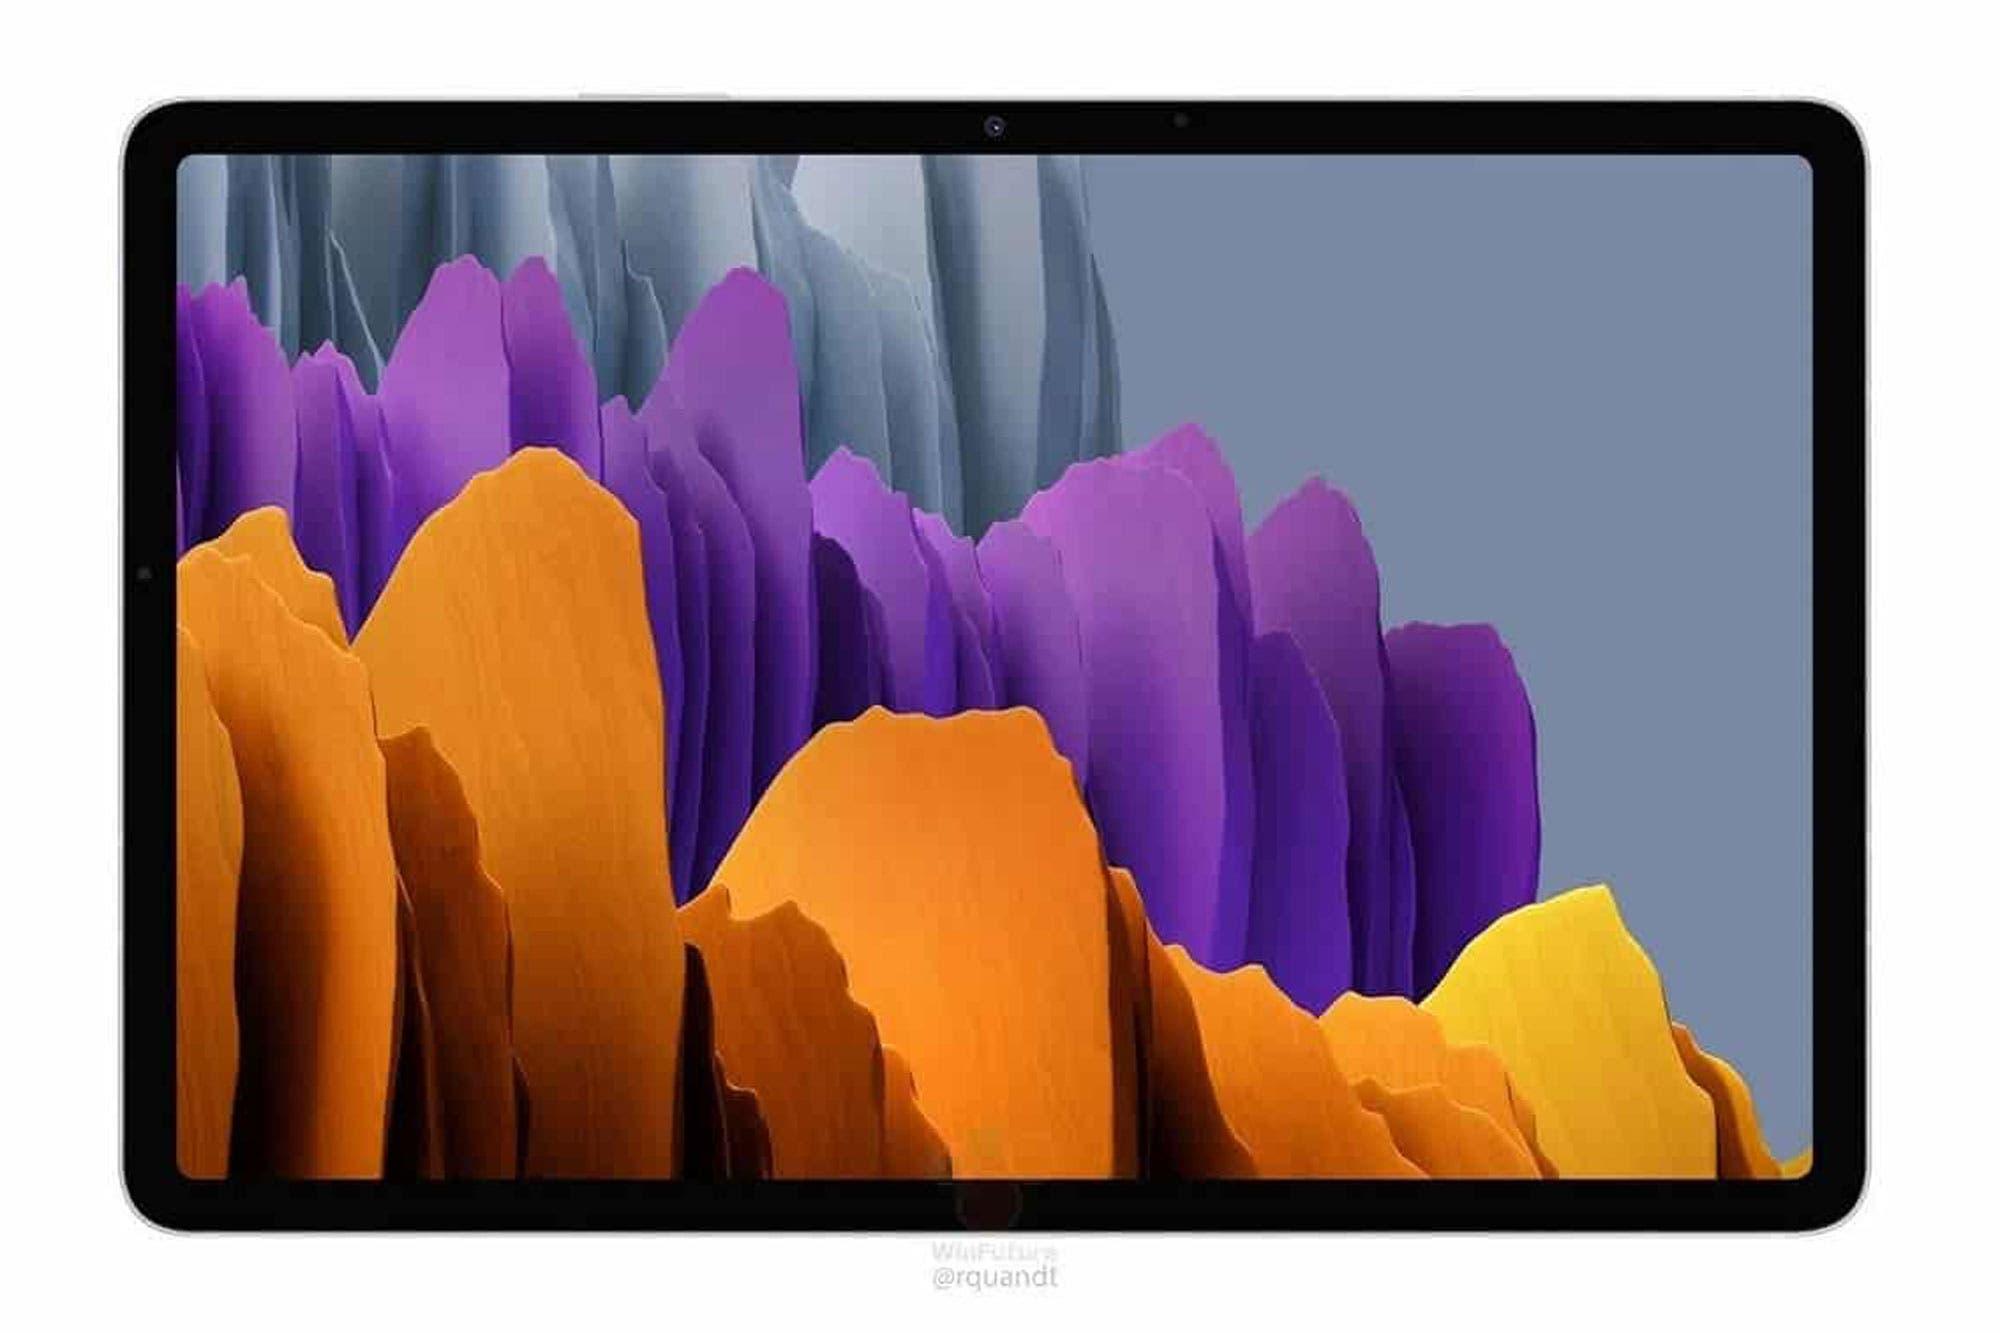 Estas son las nuevas tabletas Galaxy Tab S7 y S7+ que Samsung prepara para competir con las iPad Pro de Apple